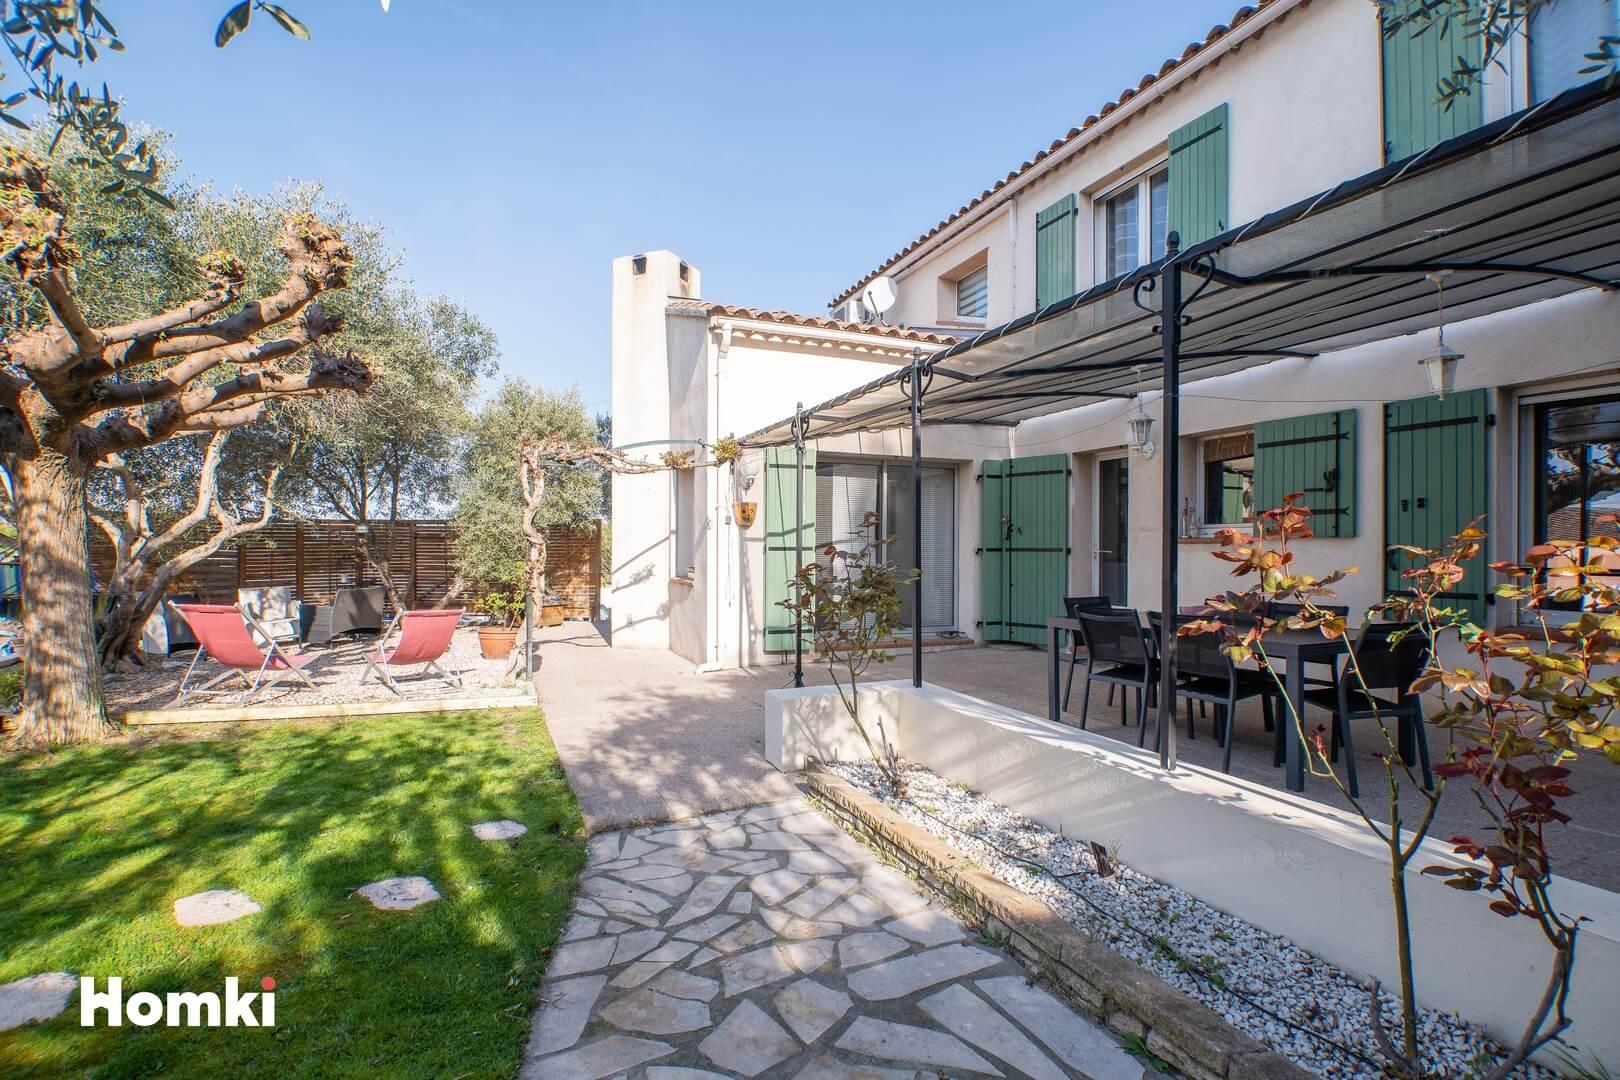 Homki - Vente Maison/villa  de 170.0 m² à Marignane 13700